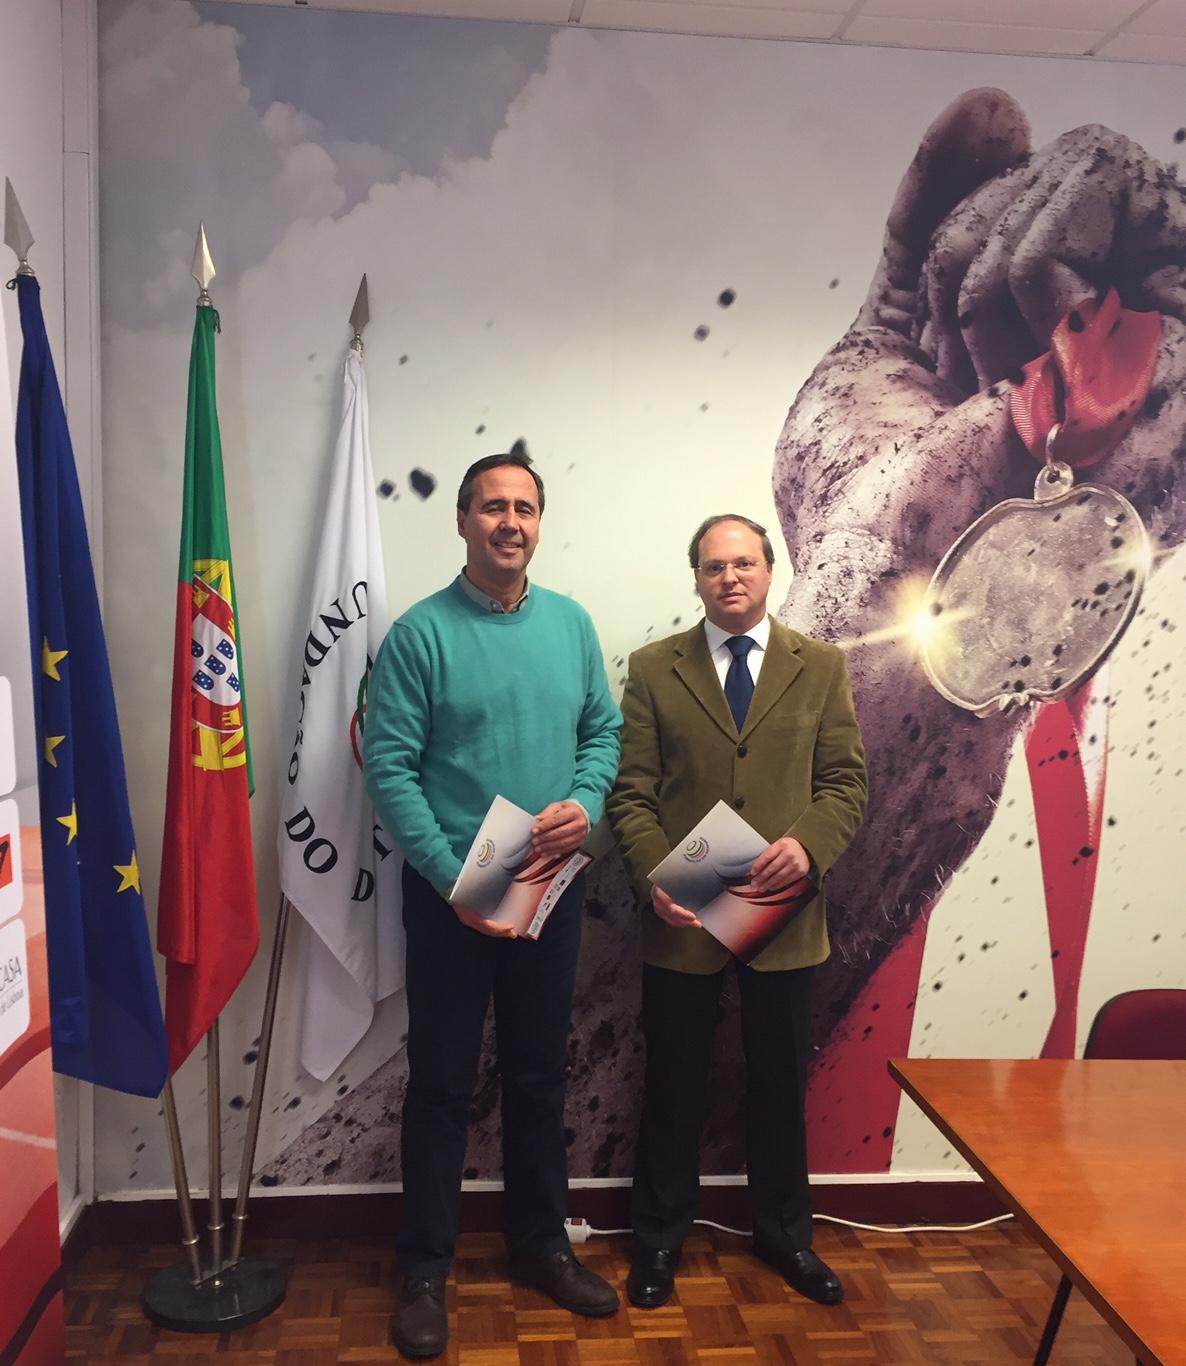 A Fundação do Desporto apoia a obra de António Vasconcelos Raposo